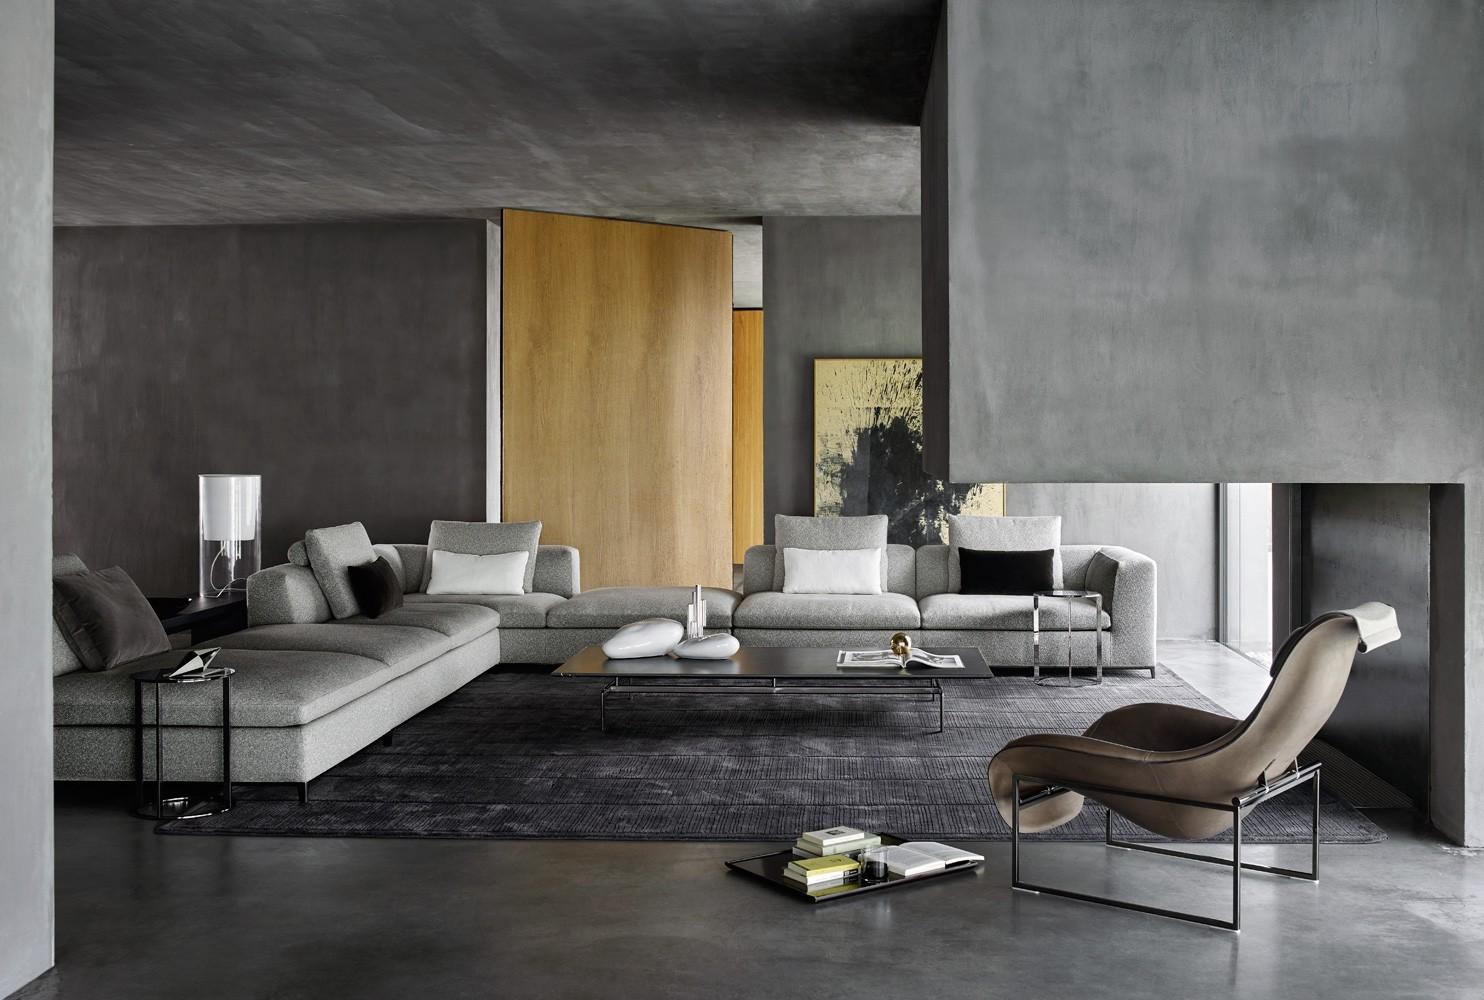 rgb_creative_eurasia_concept_design_talk_bb_italia_busnelli_divano_michel_club